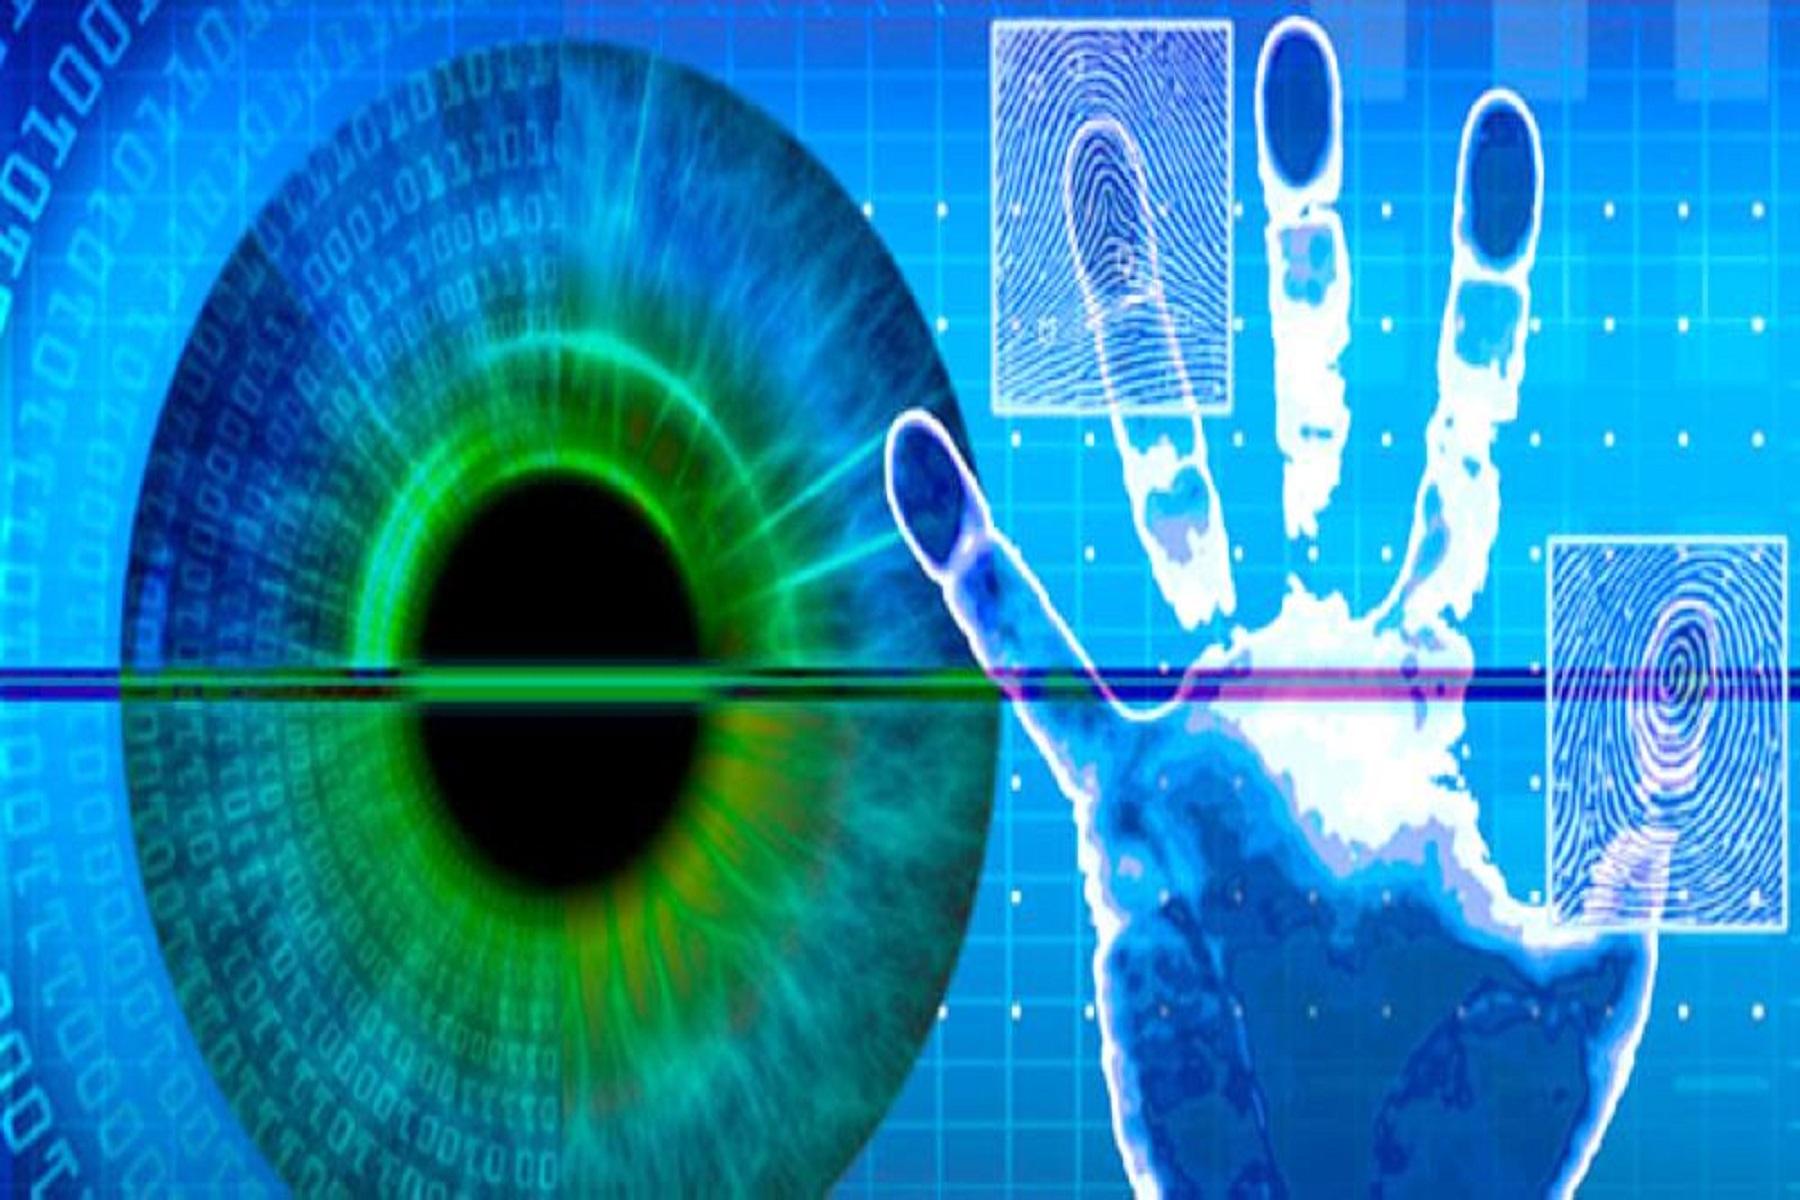 Μ. Βρετανία FinGo: Βιομετρικό σύστημα αναγνώρισης ταυτότητας για την αντιμετώπιση της πανδημίας covid